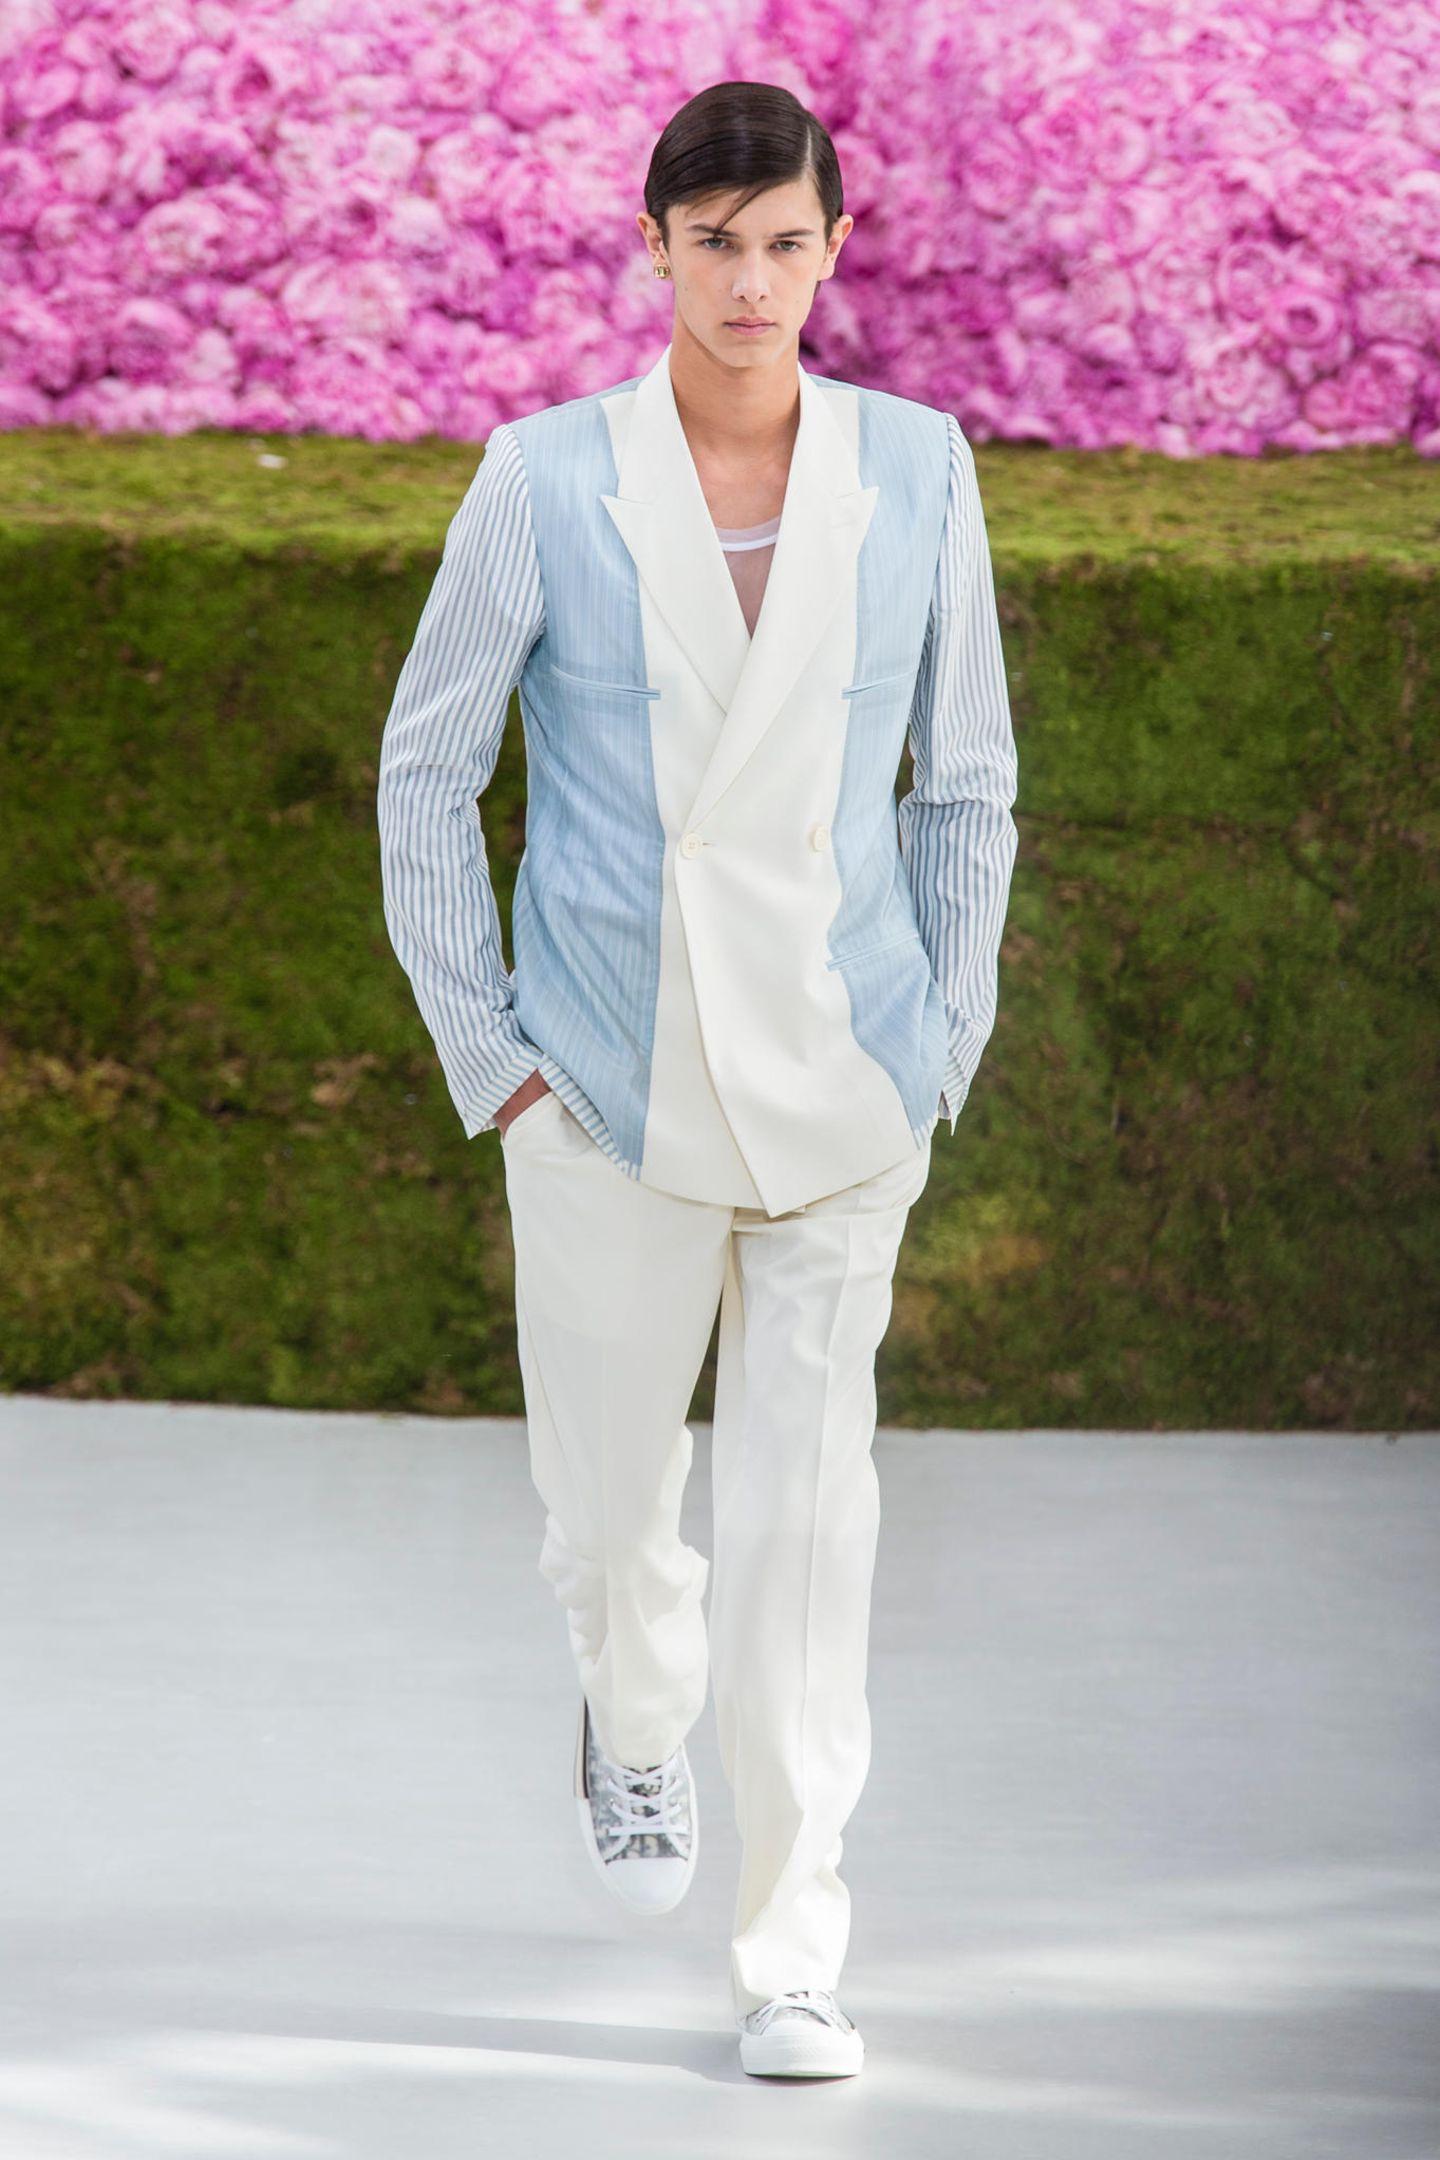 Prinz Nikolais Auftritte als Model lassen Frauenherzen höher schlagen.